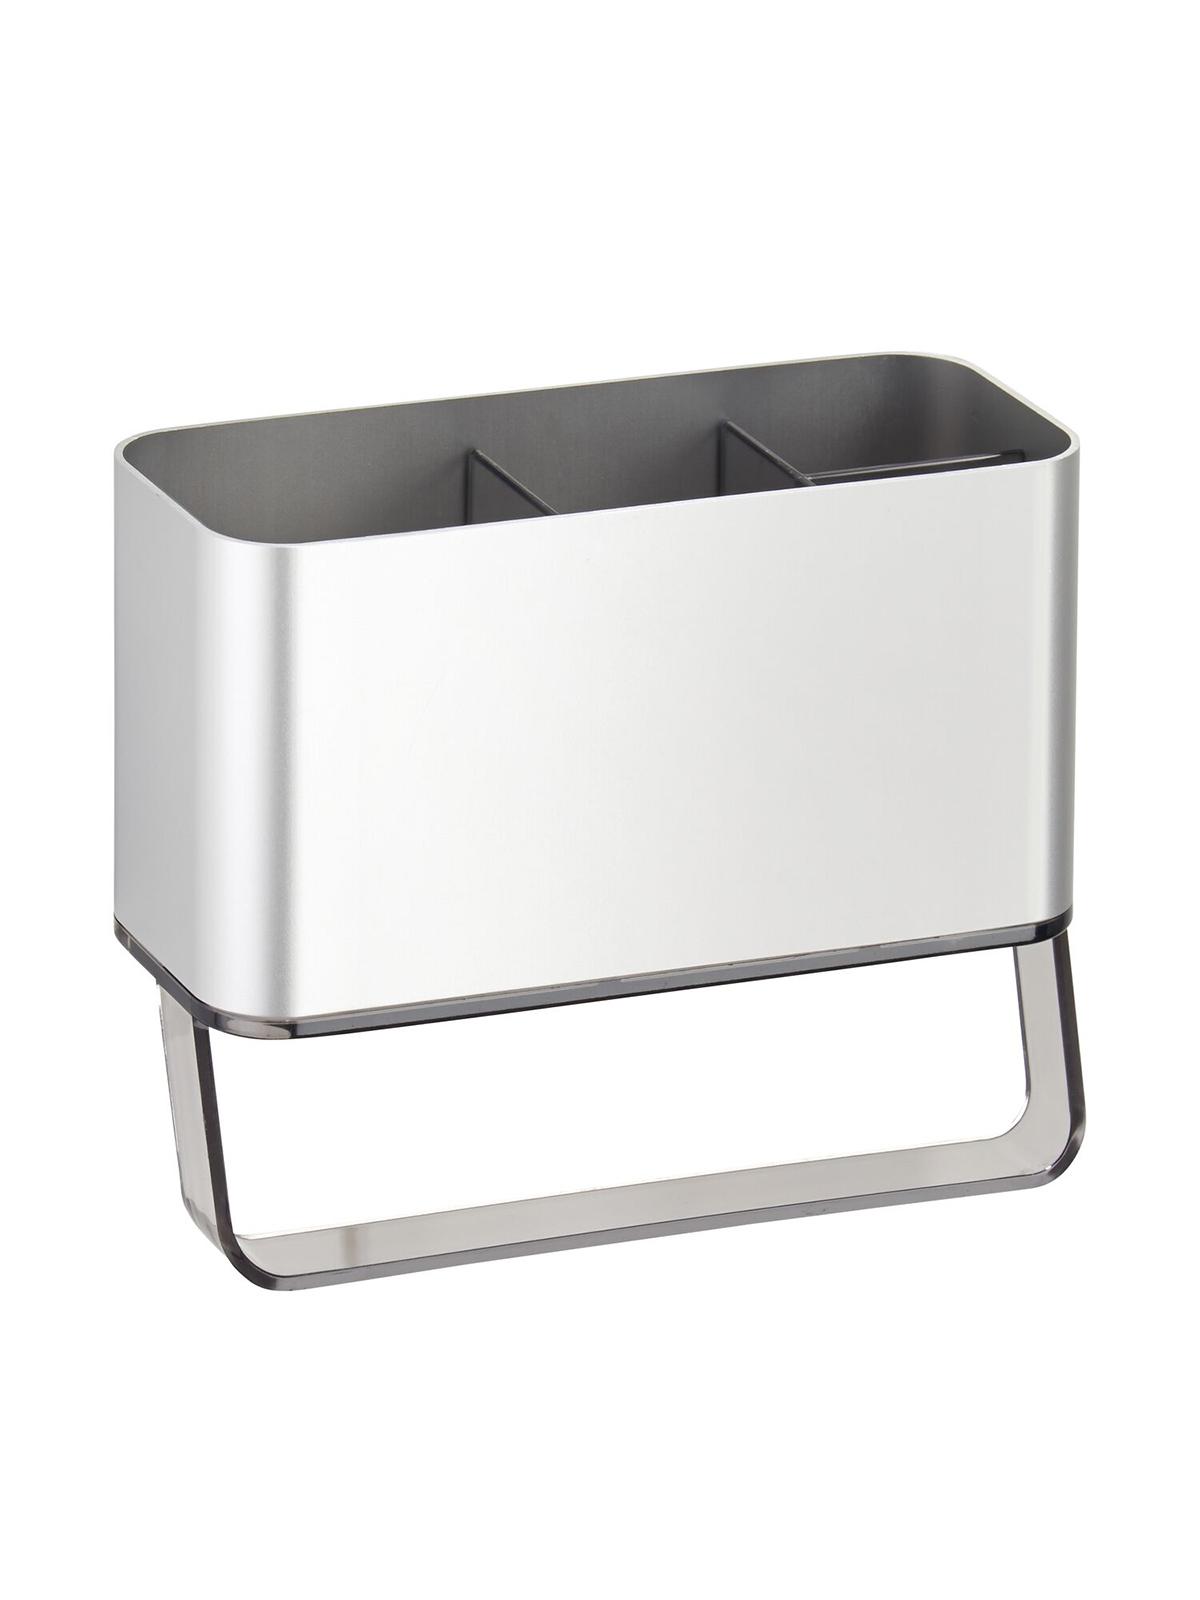 Полка для ванной комнаты Affixx Metro самоклеющаяся